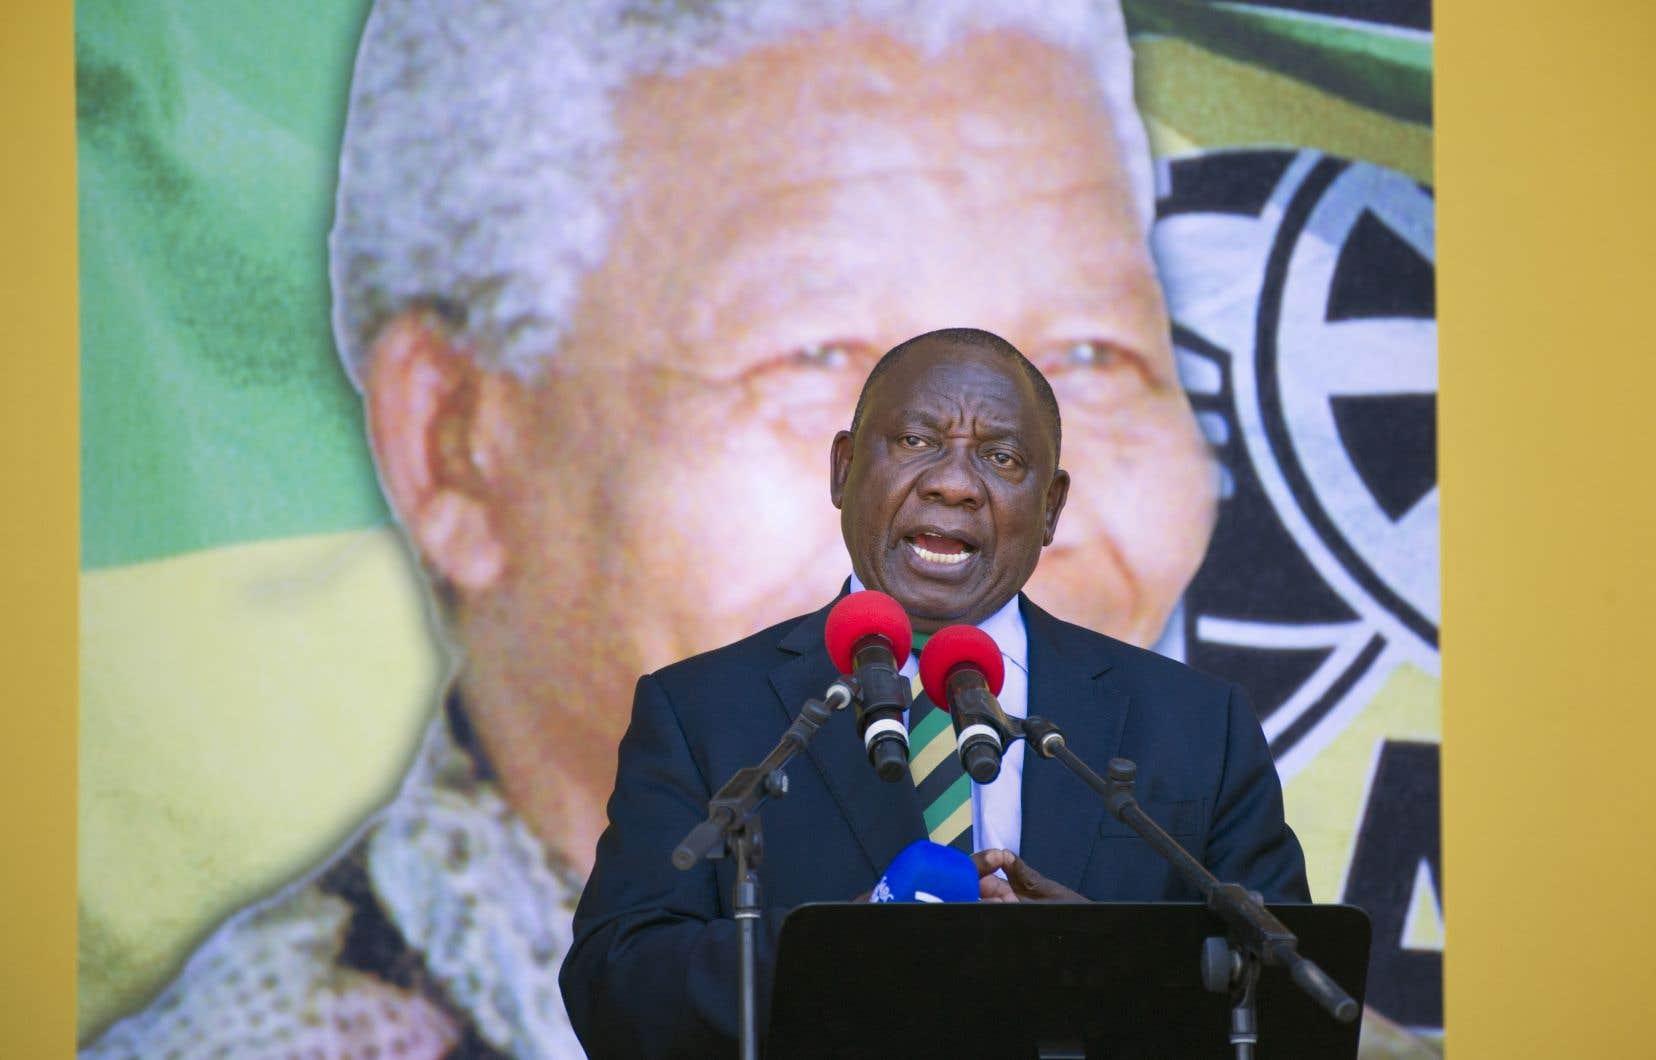 Le vice-président sud-africain et nouveau président élu du Congrès national africain (ANC), Cyril Ramaphosa